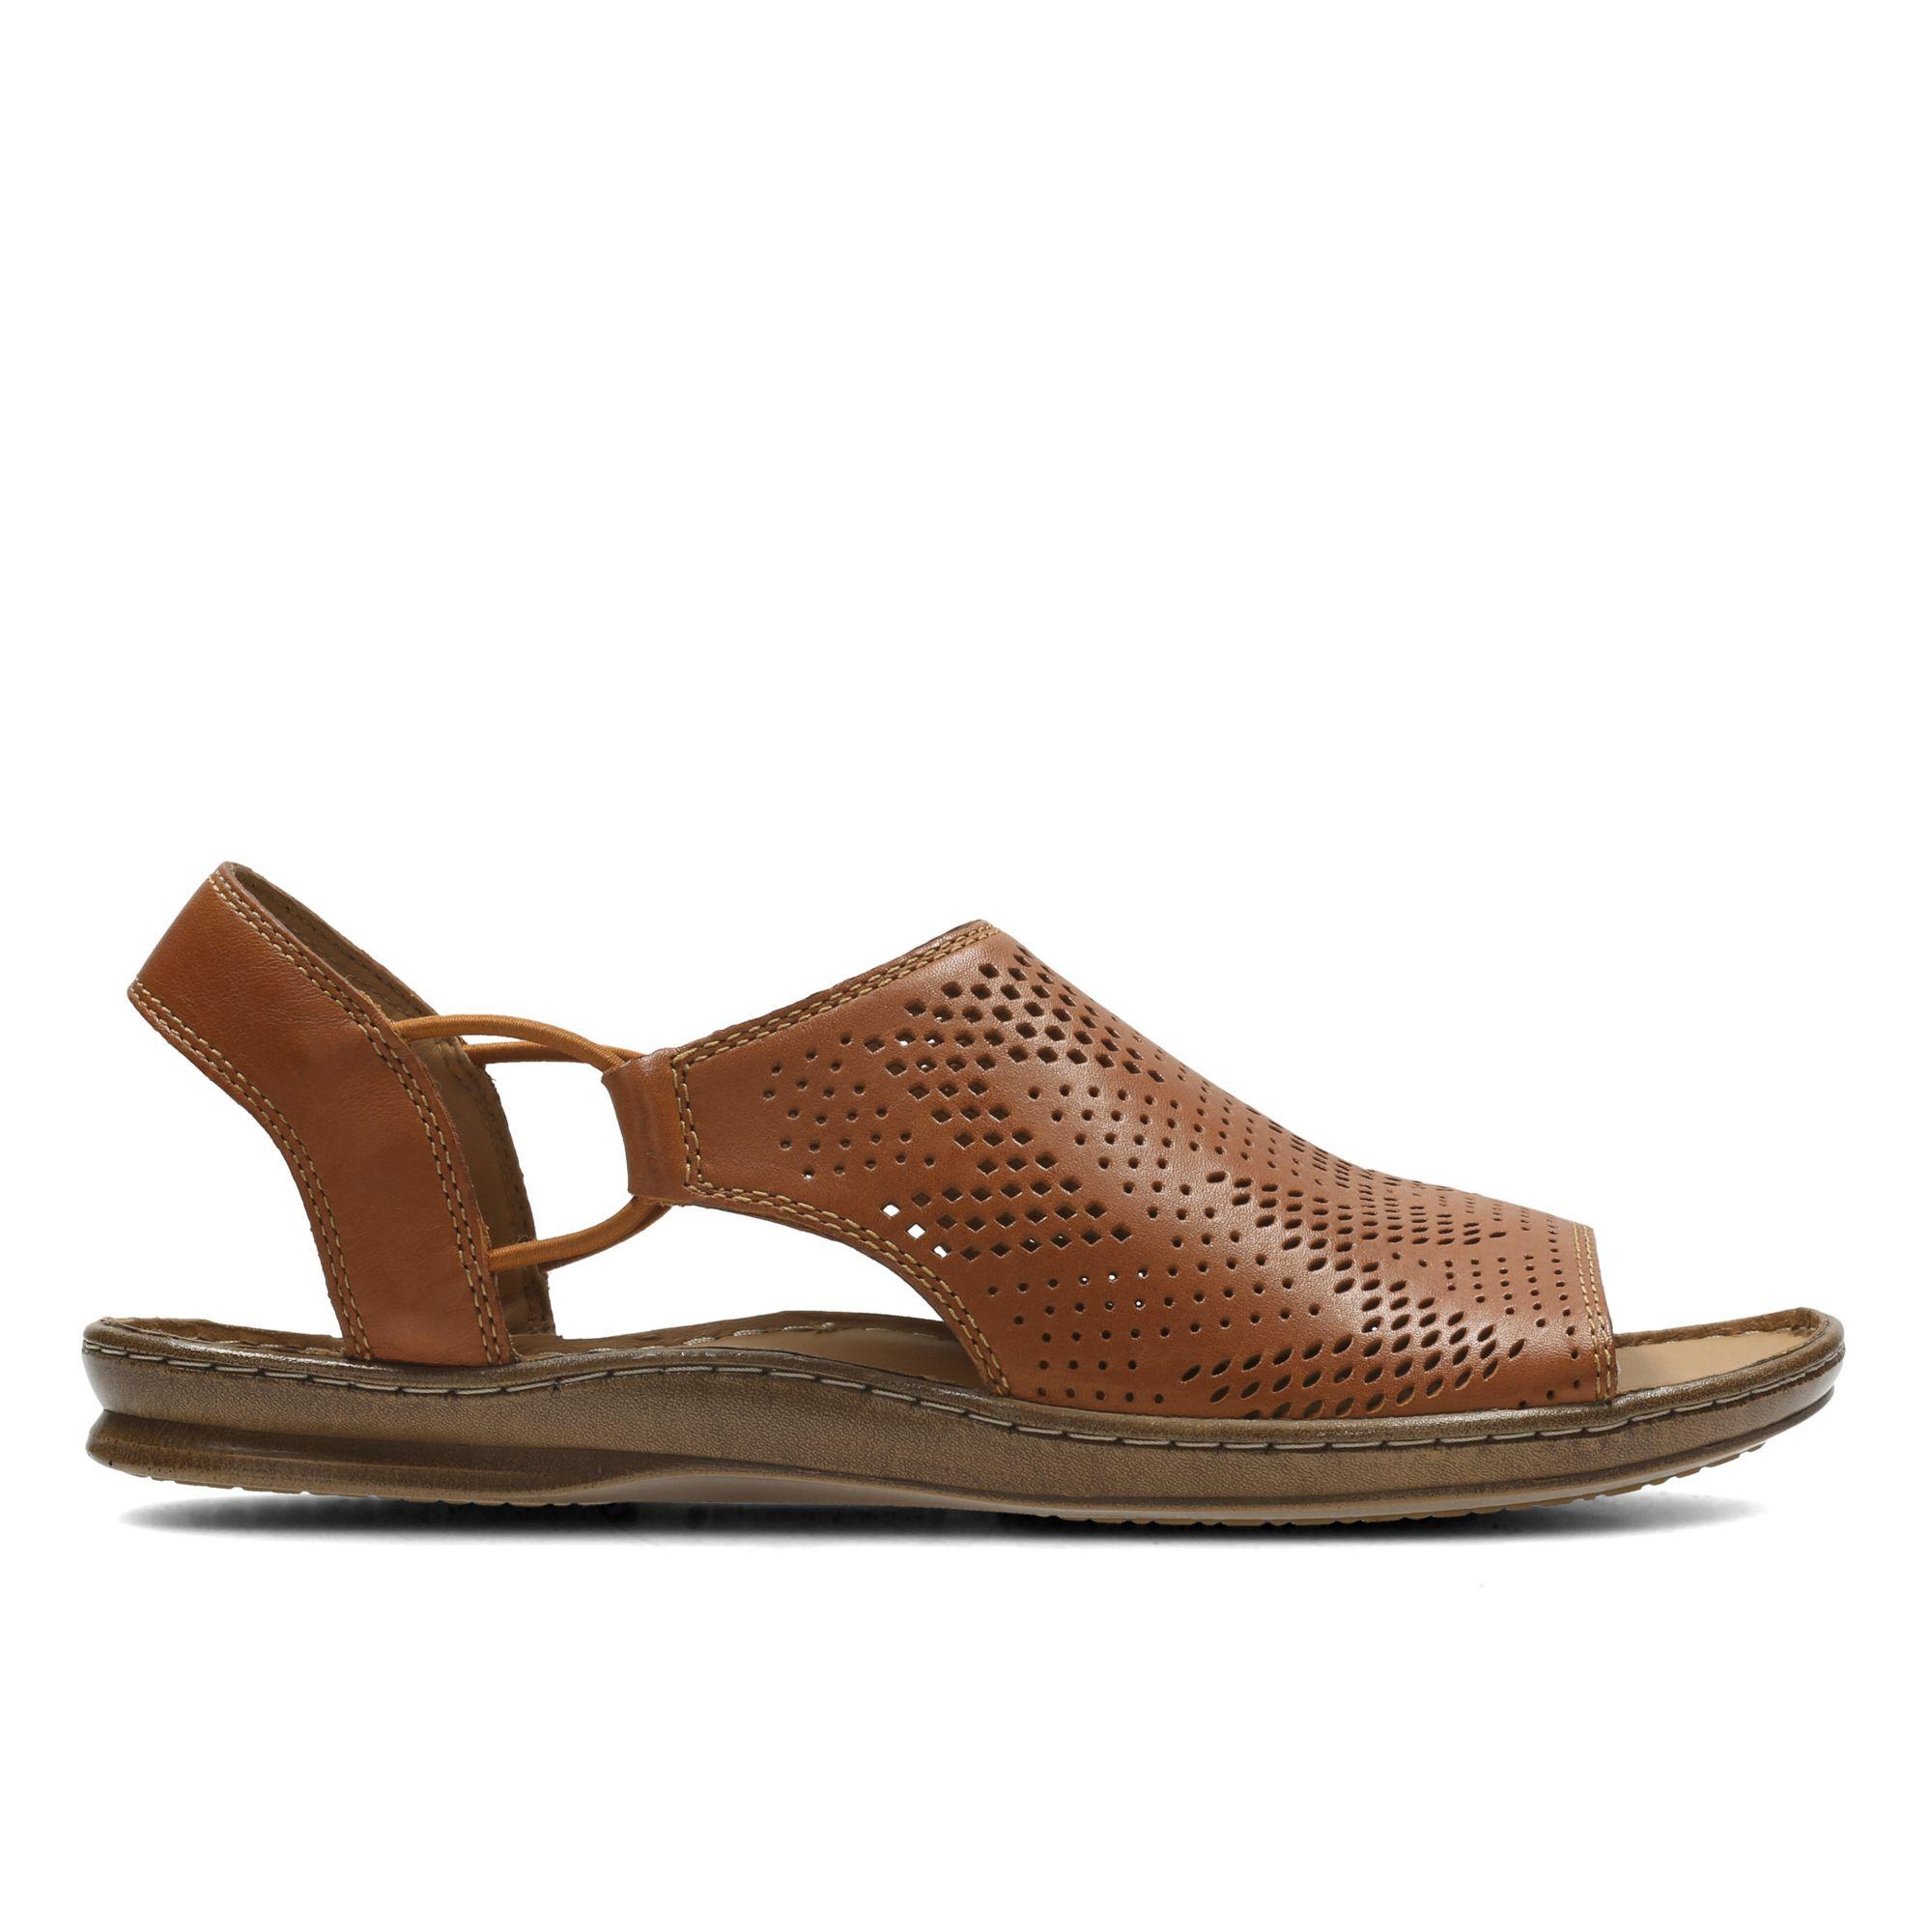 f8afe28c Cuales son los zapatos mas comodos del mercado? – Actualidad Notizalia